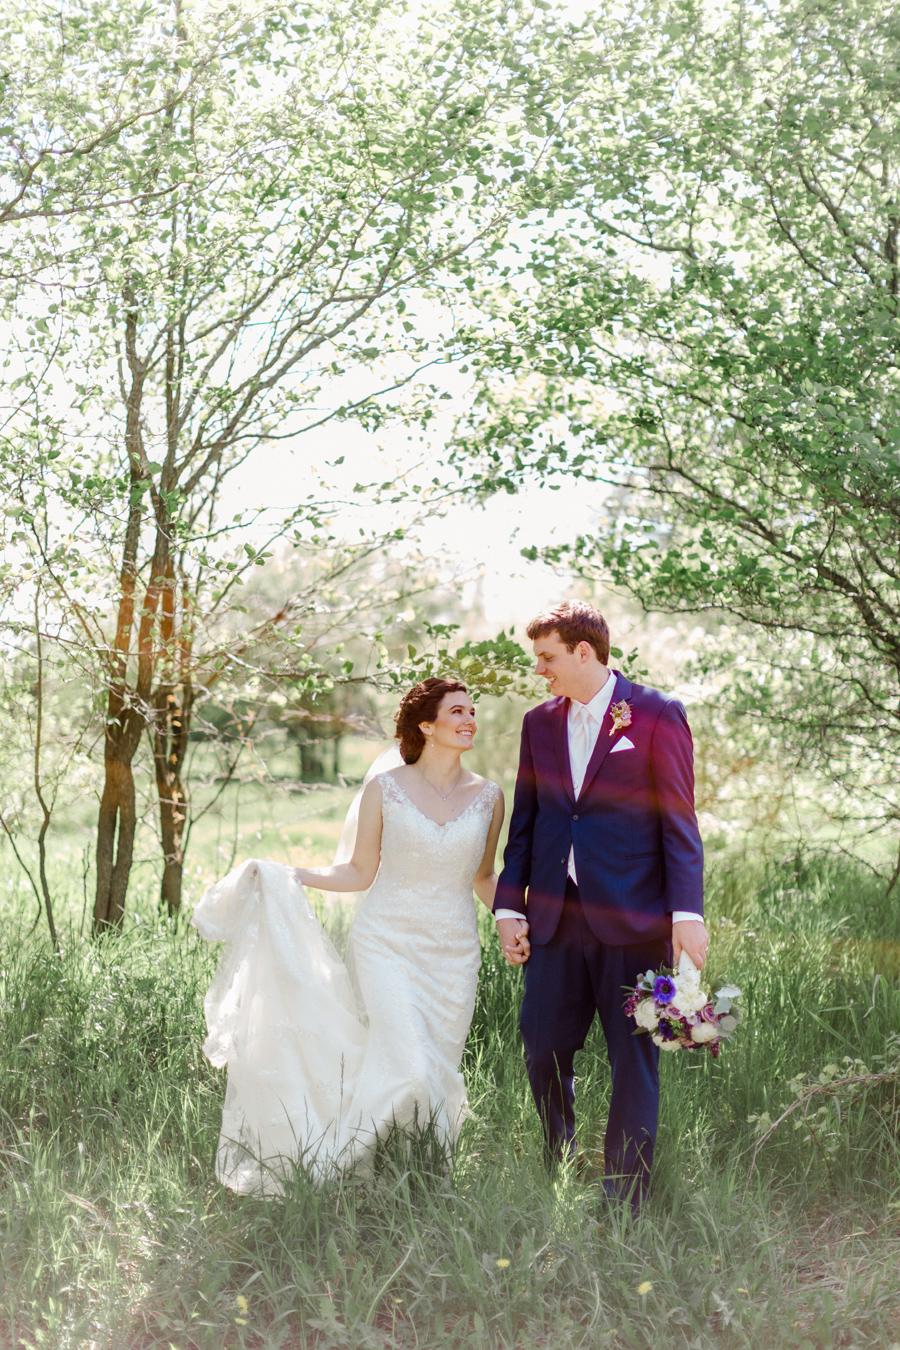 lambeaufieldwedding028.jpg